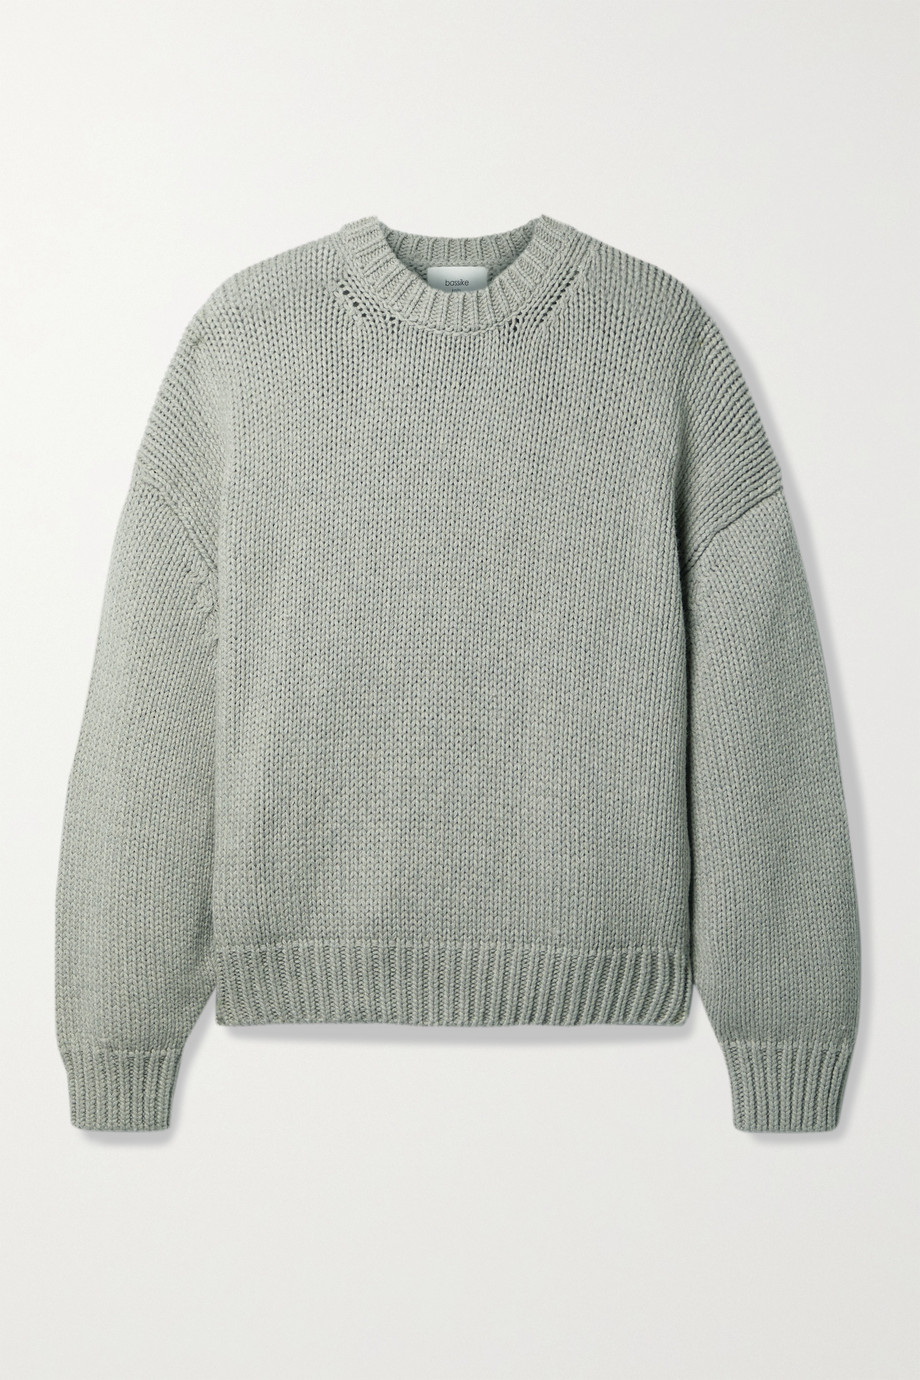 Bassike Oversized-Pullover aus einer Baumwoll-Merinowollmischung